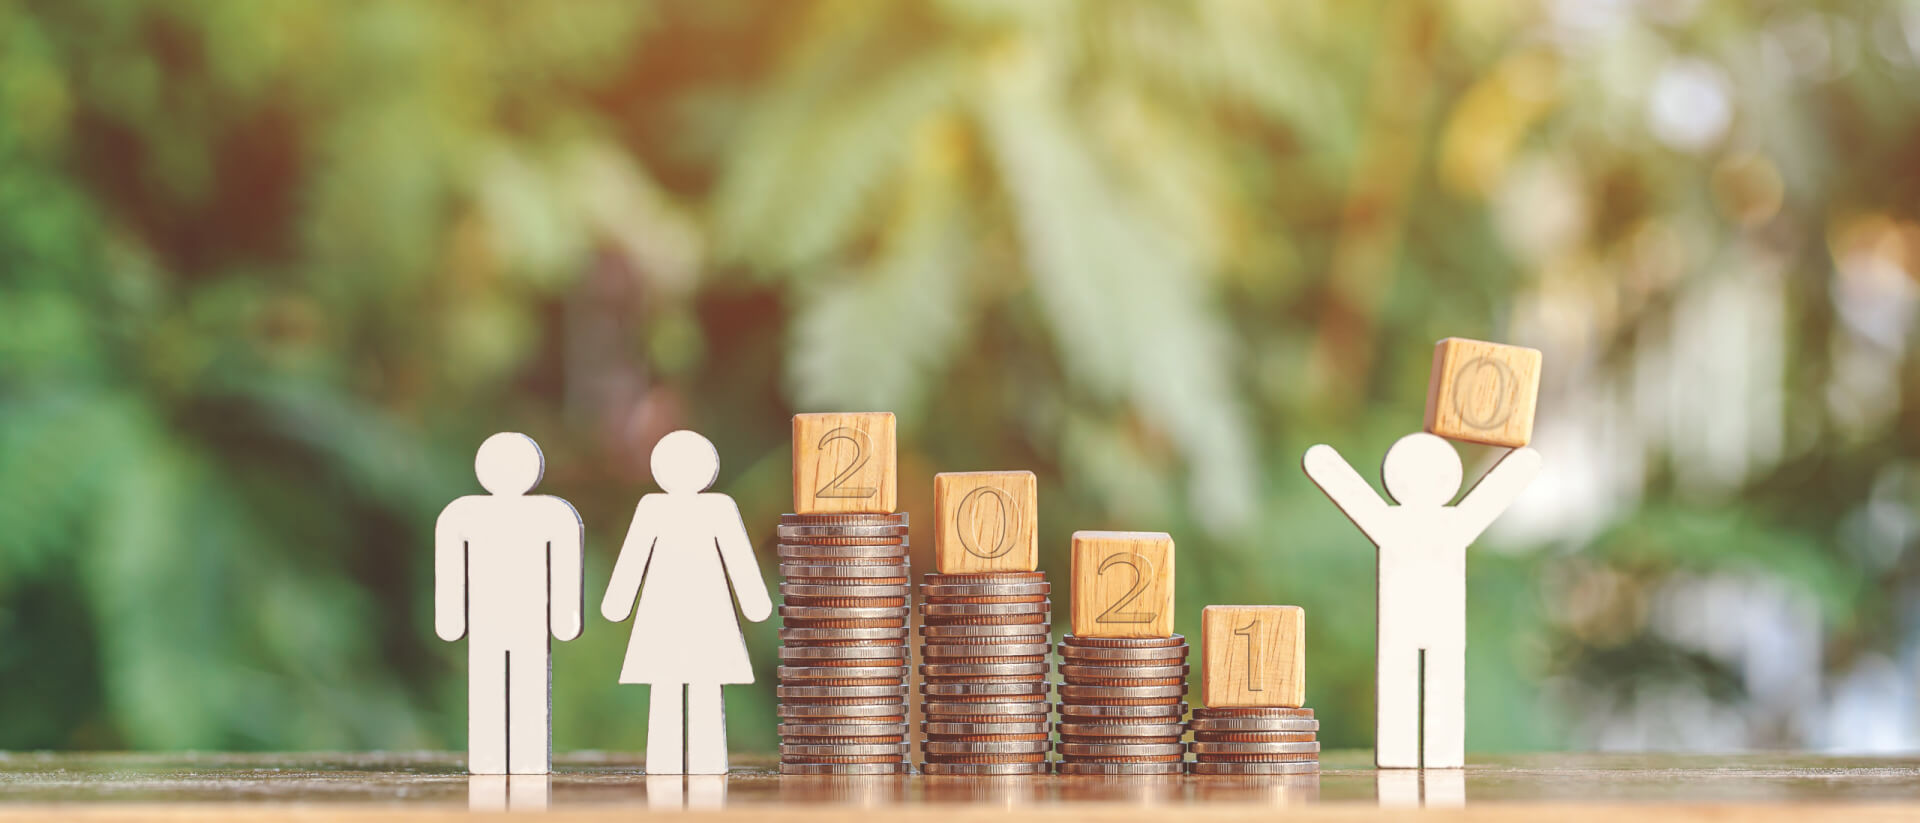 Montaje con monedas simulando un aumento de salario con montones de monedas en 2021.